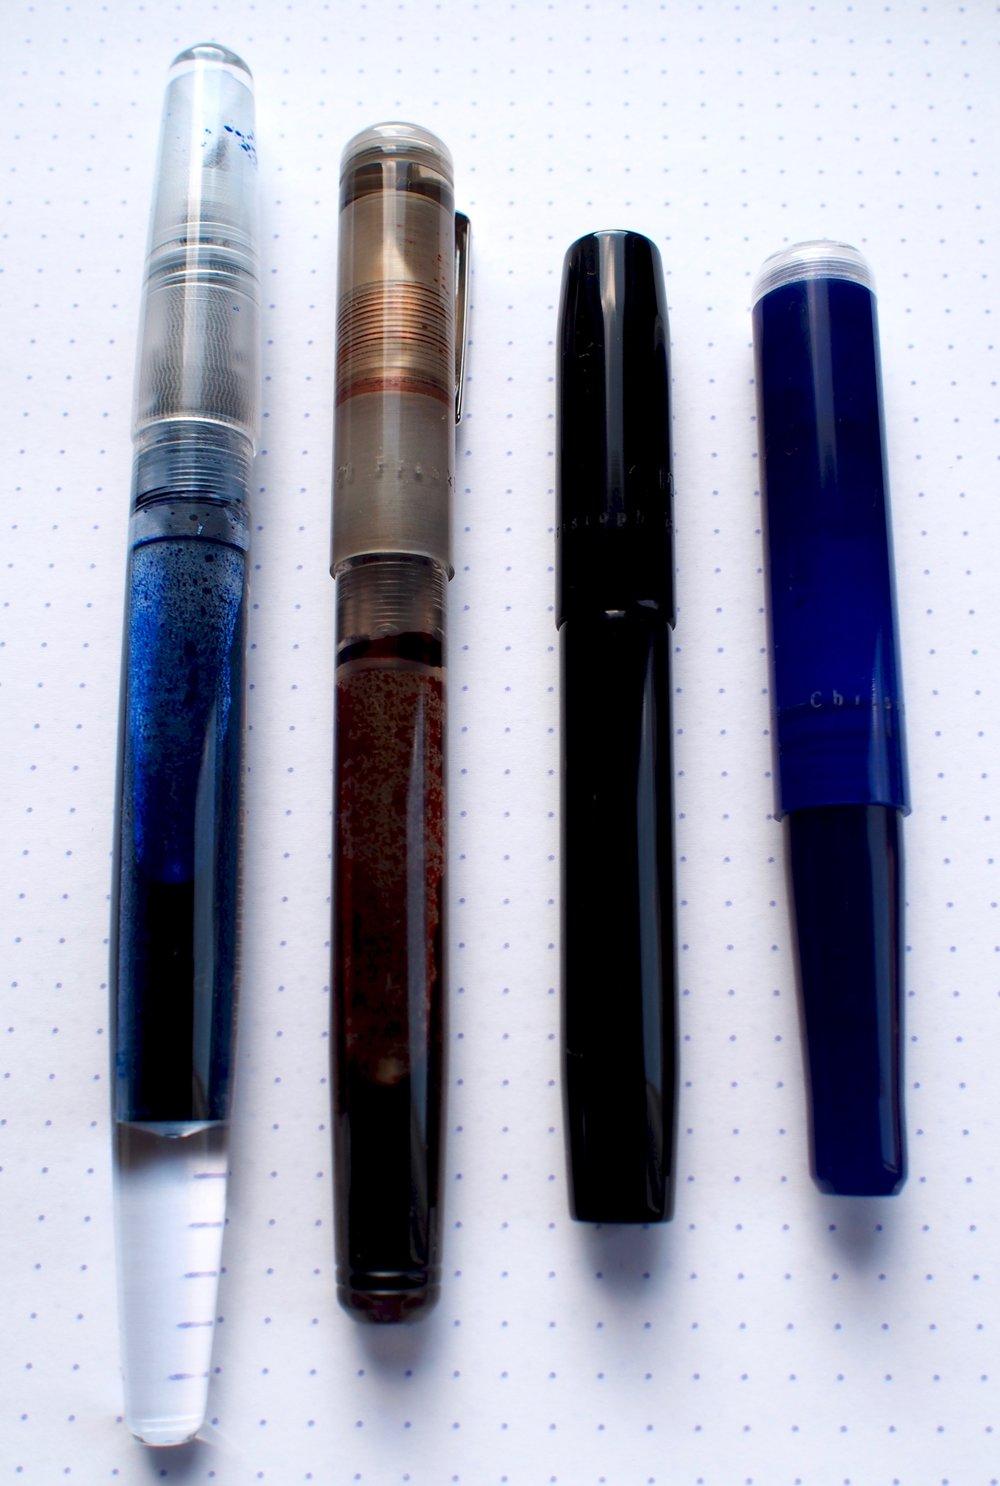 Model 66 Stabilis, Model 20 Marietta,Model 45, Pocket 40